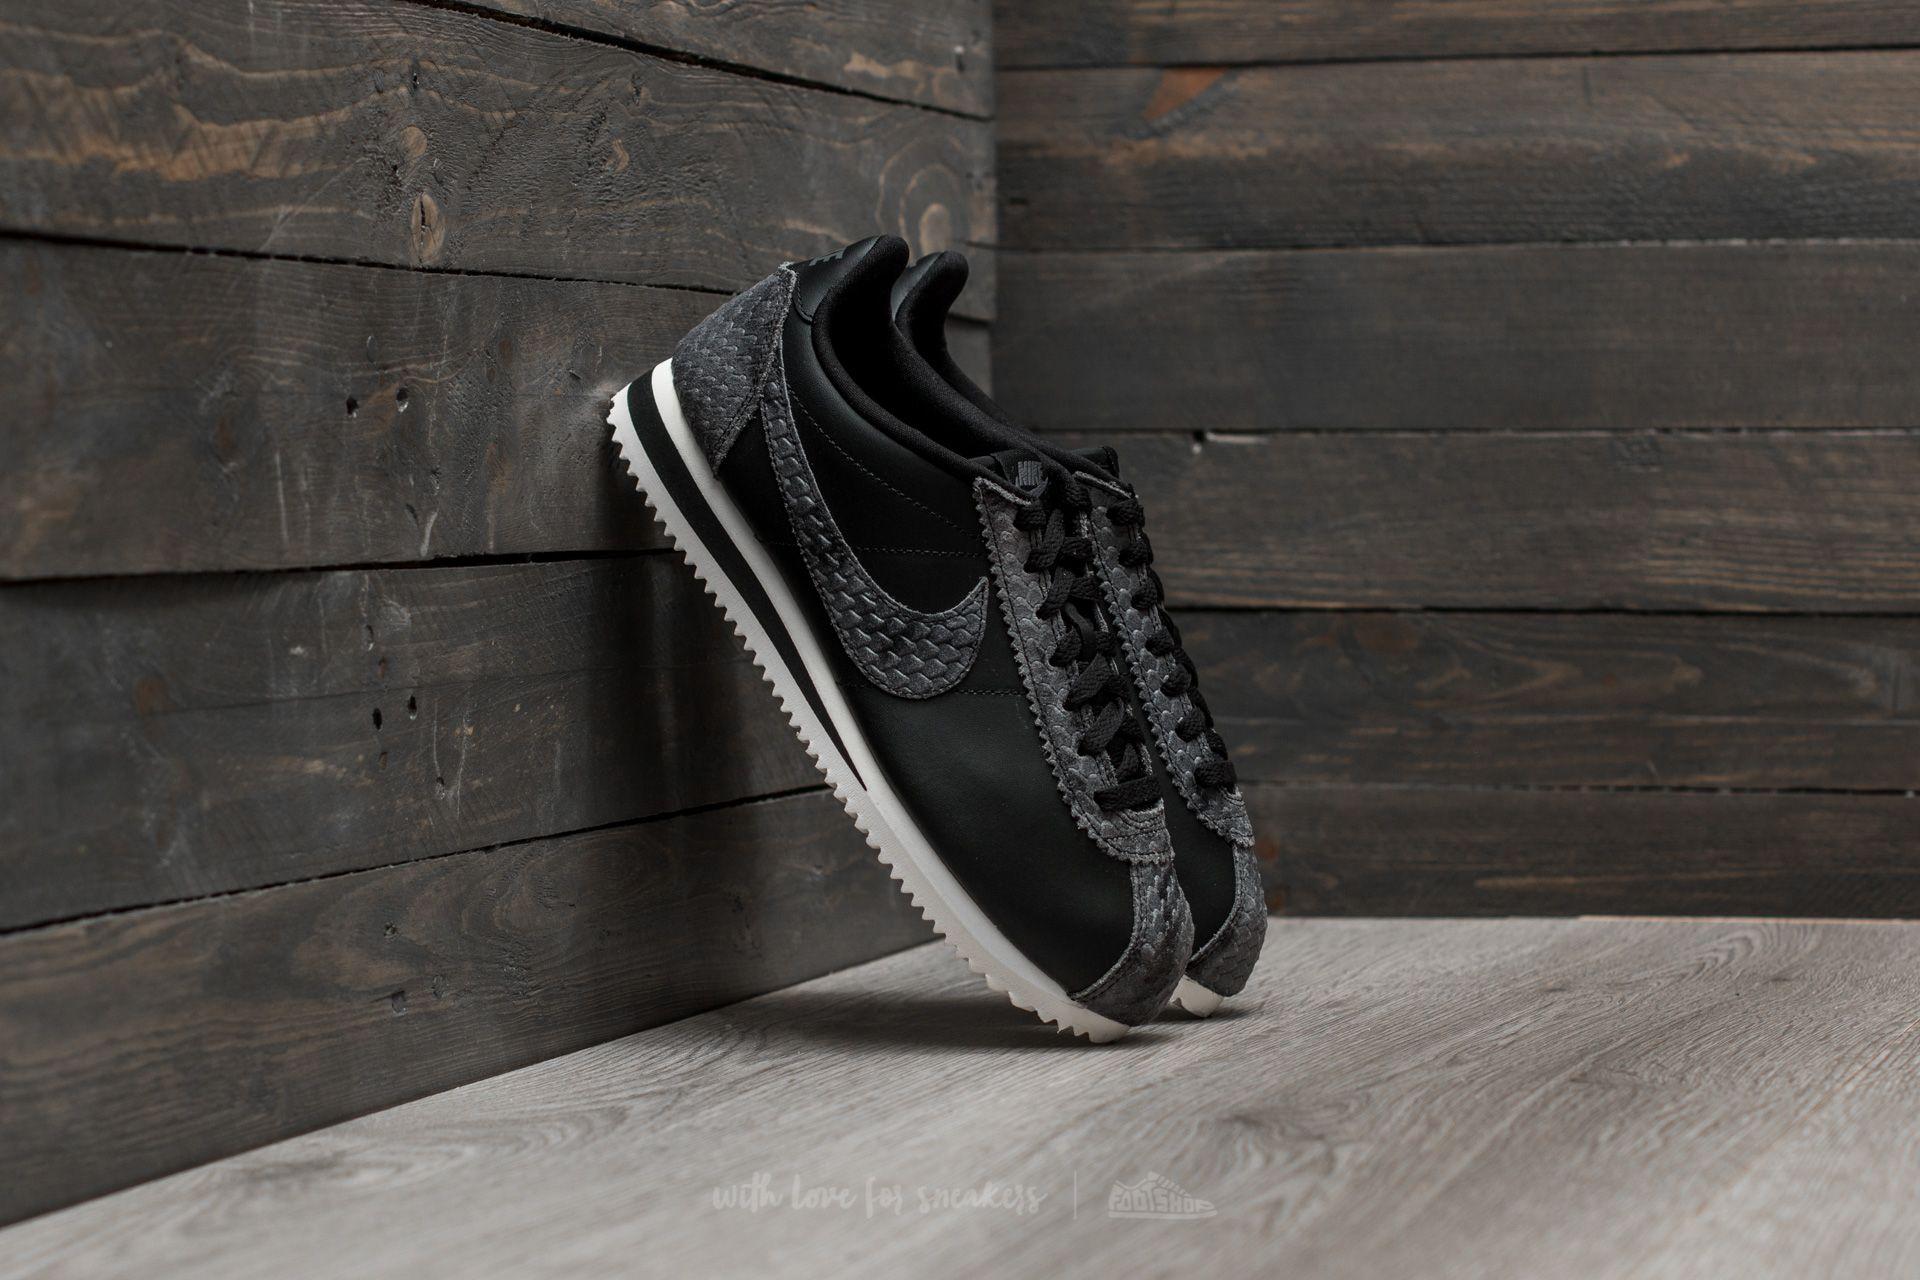 ce9023fff446 Nike WMNS Classic Cortez Premium Black/ Black-Sail | Footshop